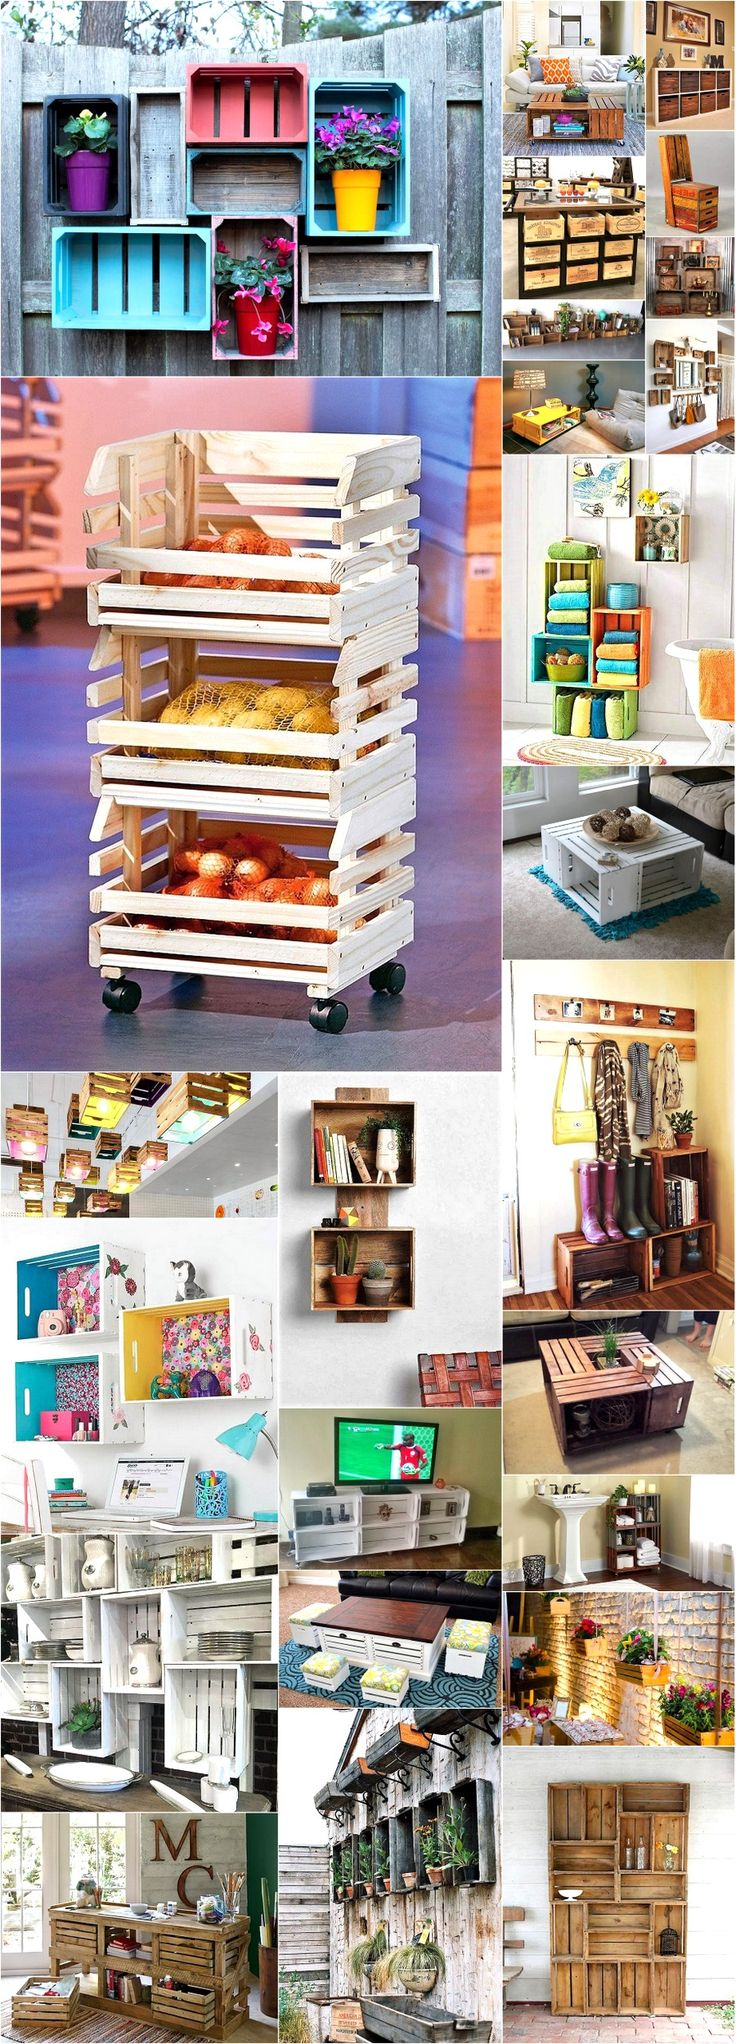 Best 25+ Fruit kitchen decor ideas on Pinterest | Farm kitchen ...